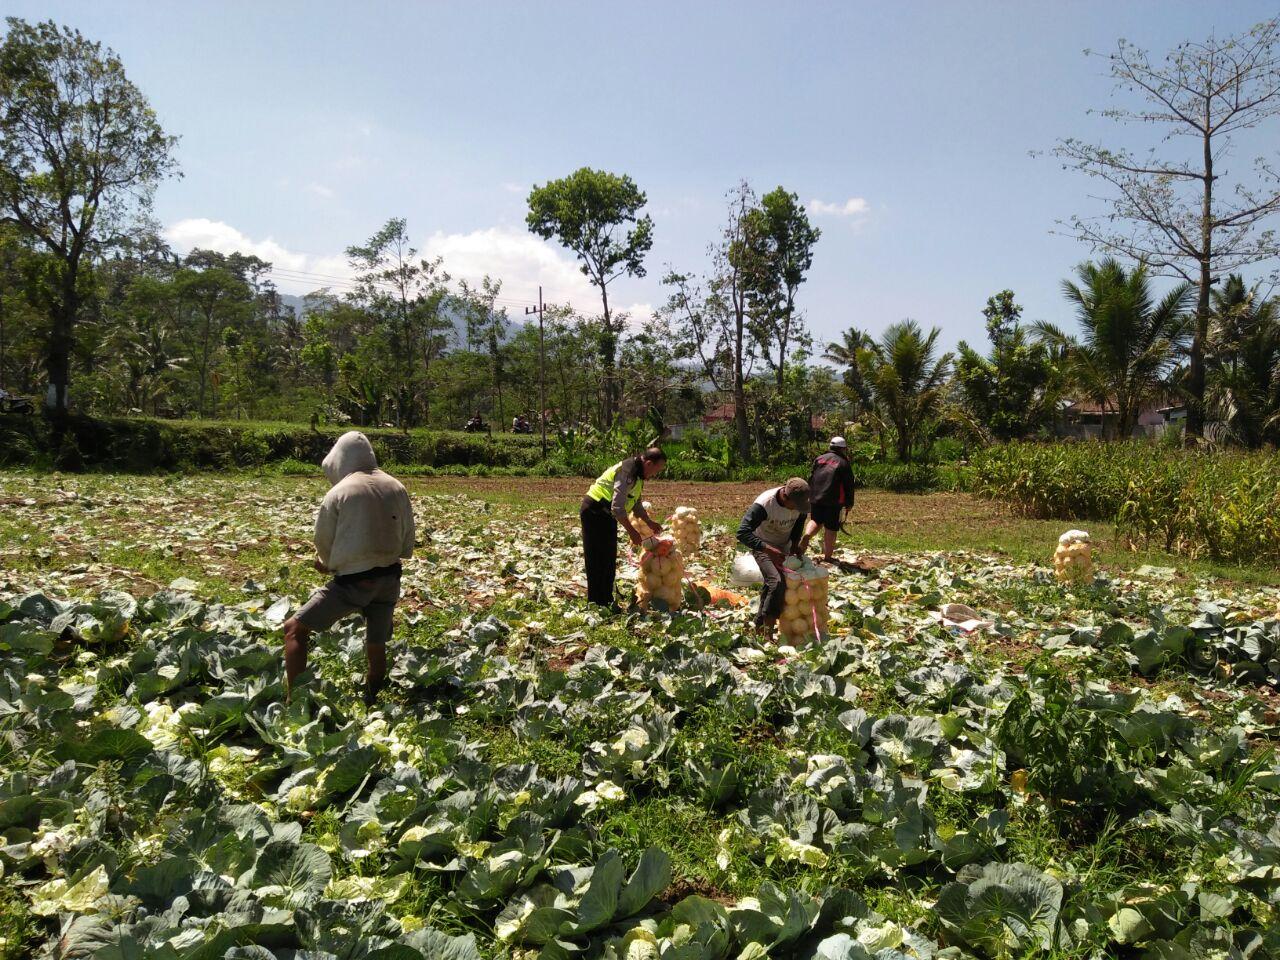 Bhabinkamtibmas Desa Waturejo Polres Batu Bantu Petani Panen Sayur di Sawah